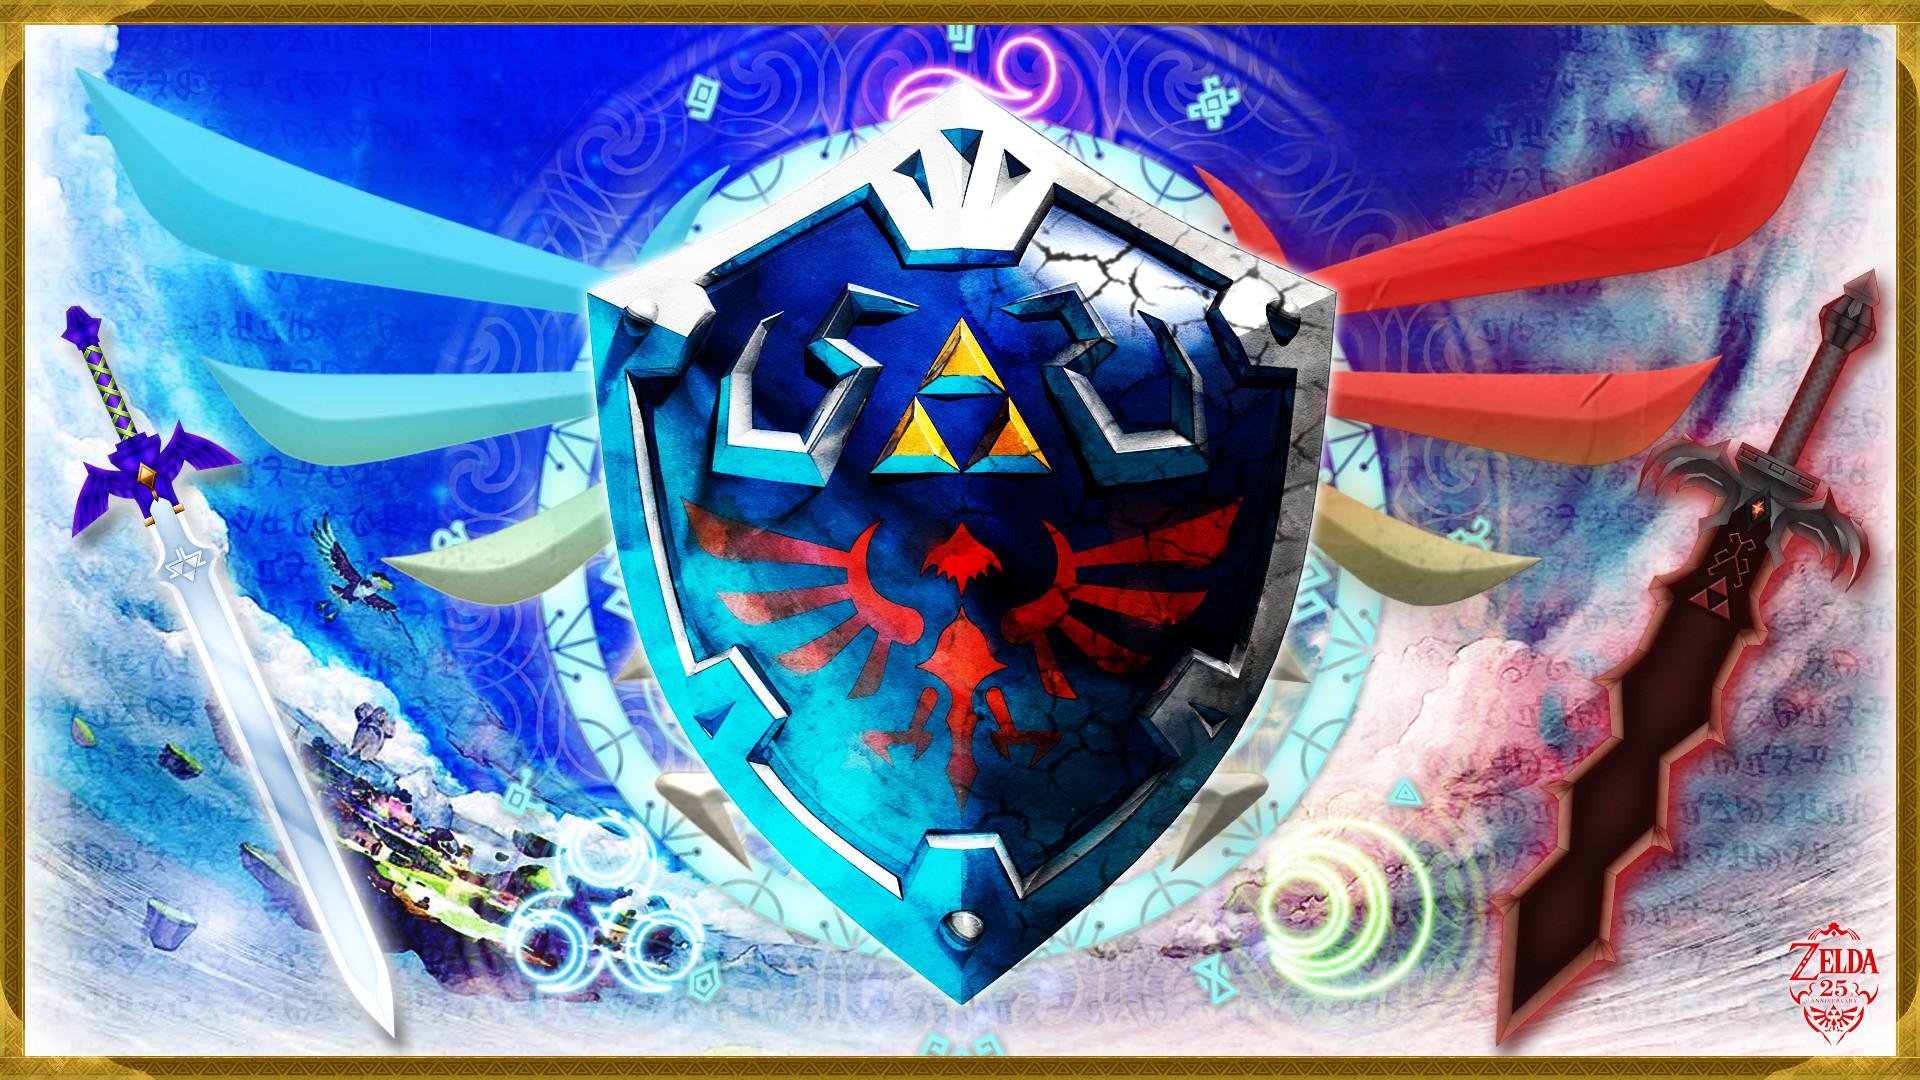 Legend Of Zelda Wallpaper 1920x1080: Zelda 4K Wallpaper (67+ Images